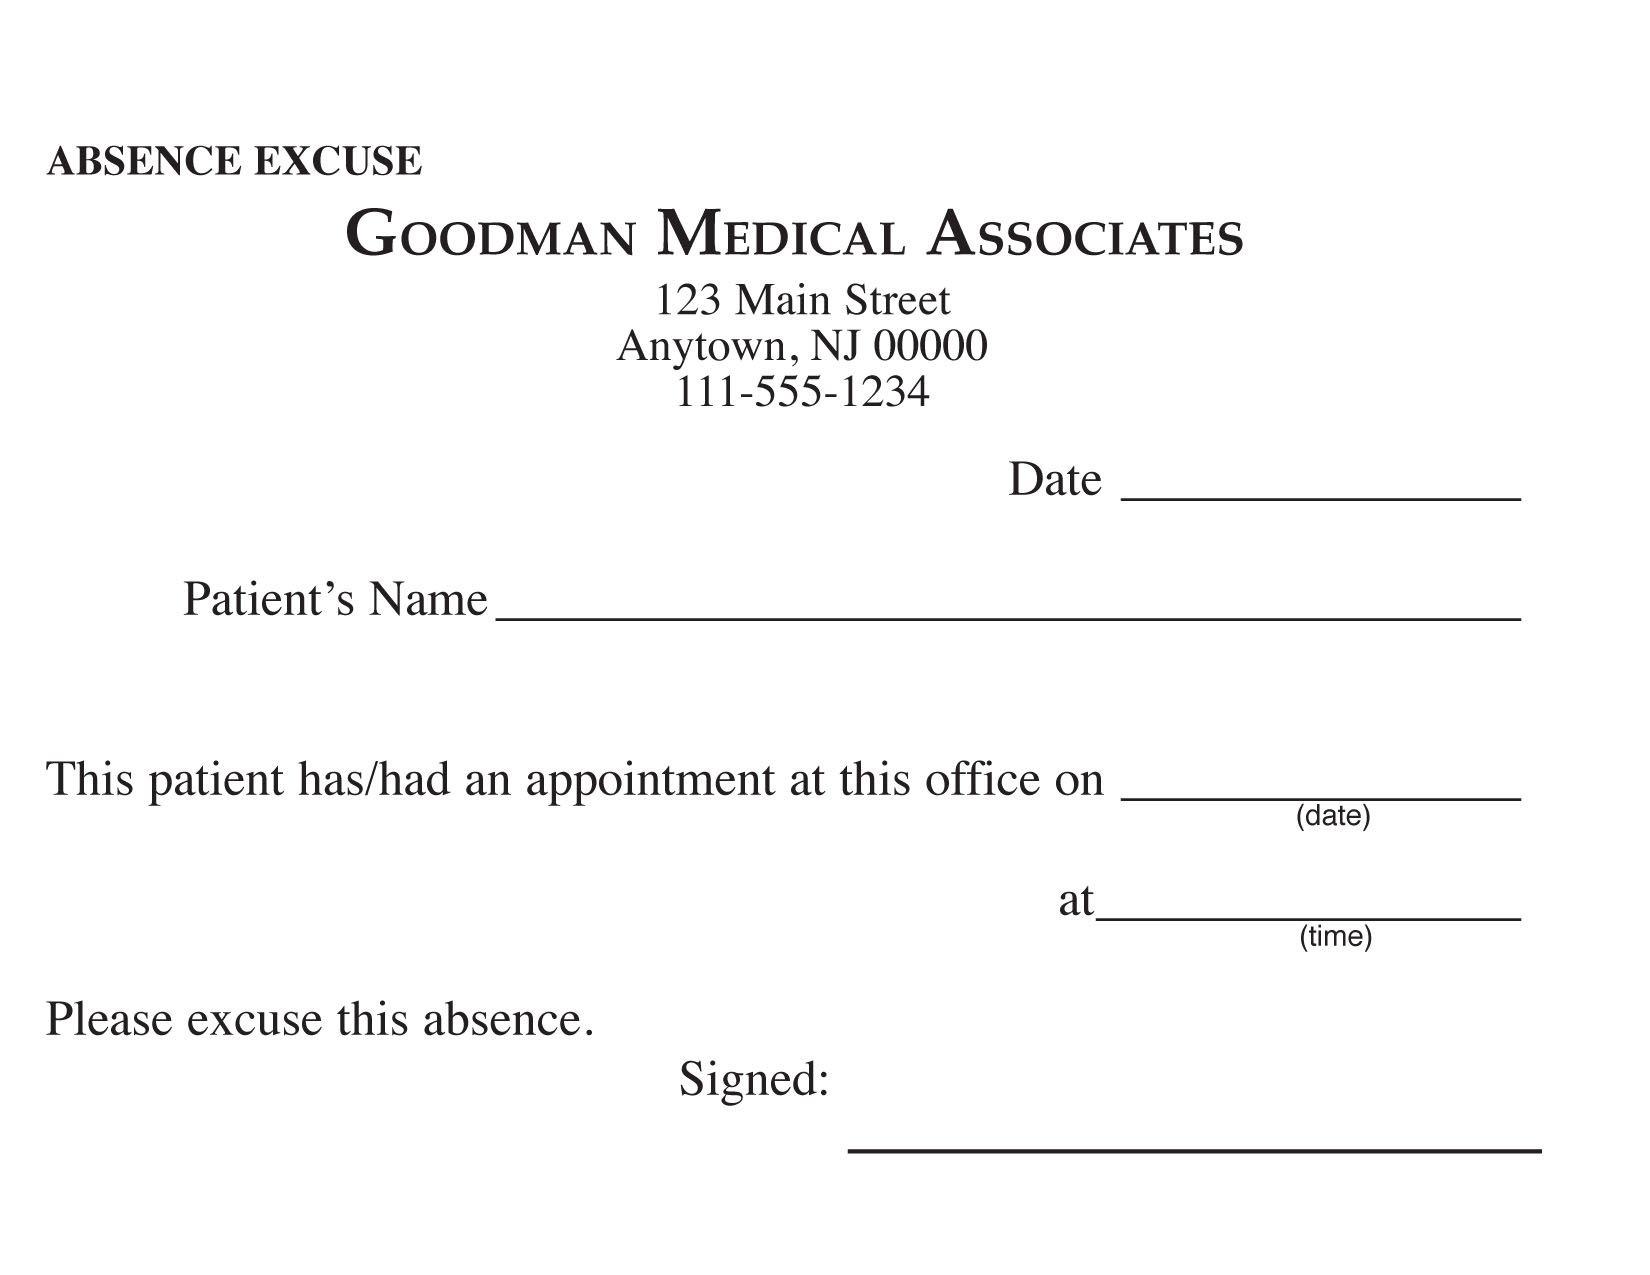 Blank Printable Doctor Excuse Form | Keskes Printing - Mds - Free Printable Doctors Excuse